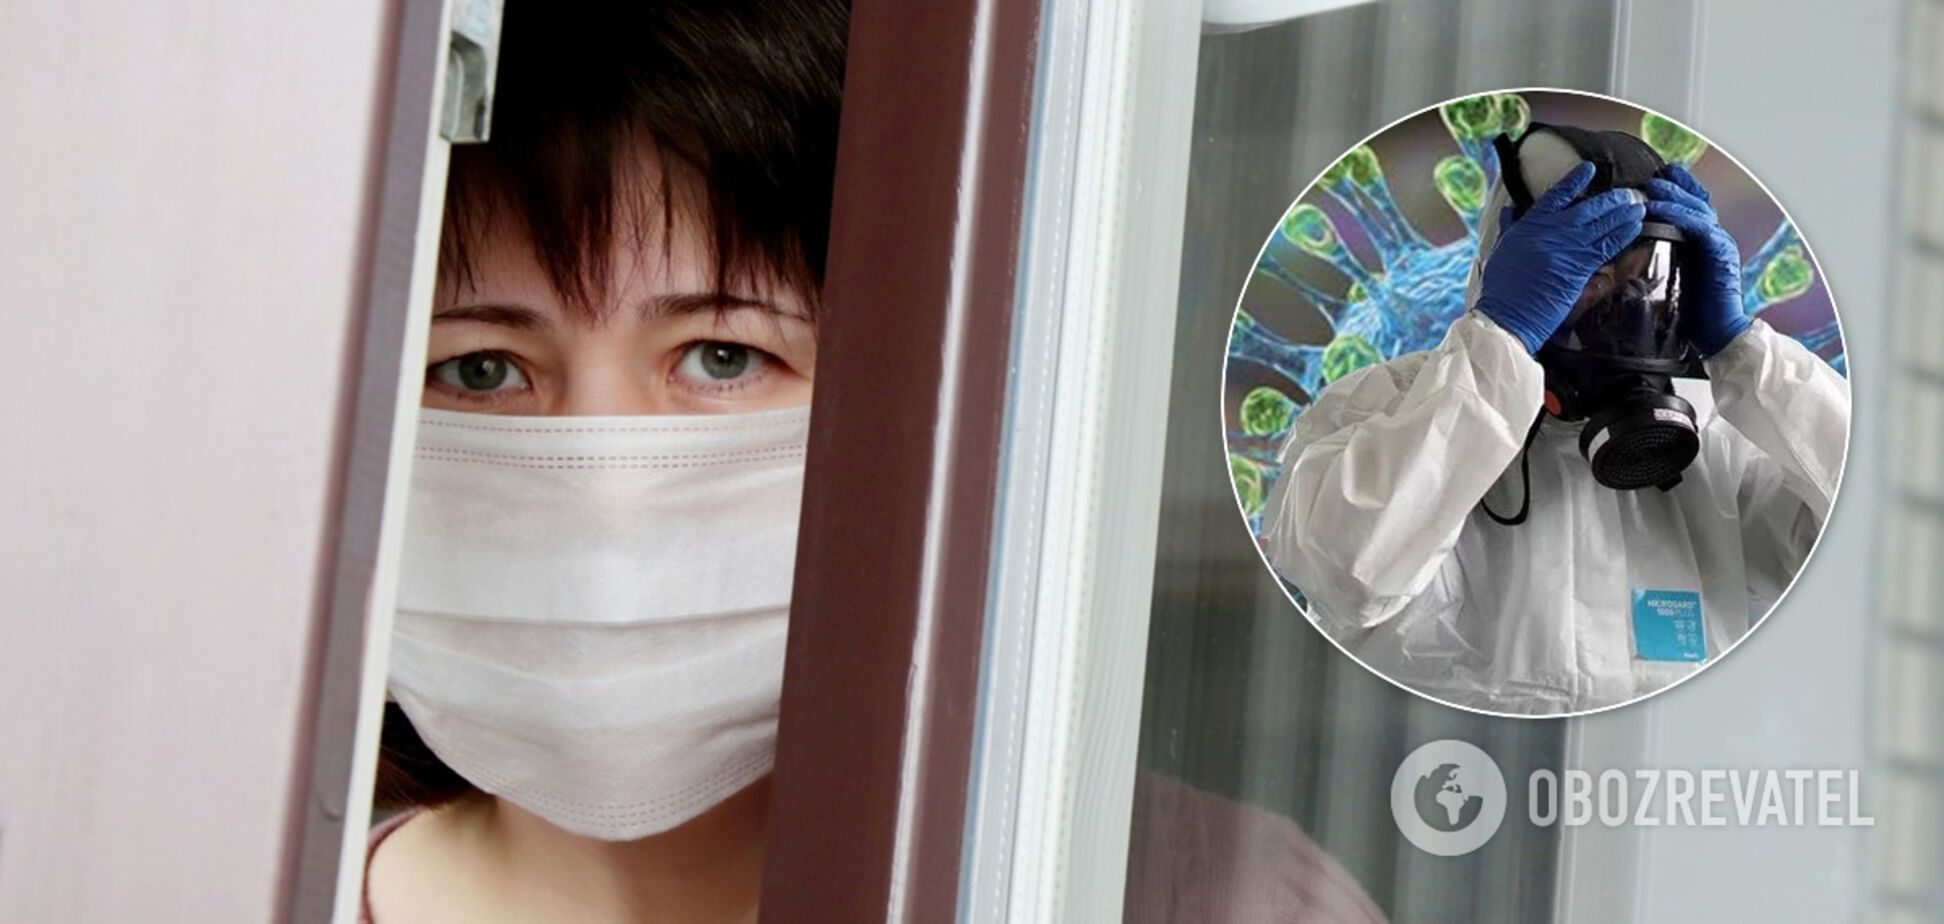 Назван новый побочный эффект коронавируса